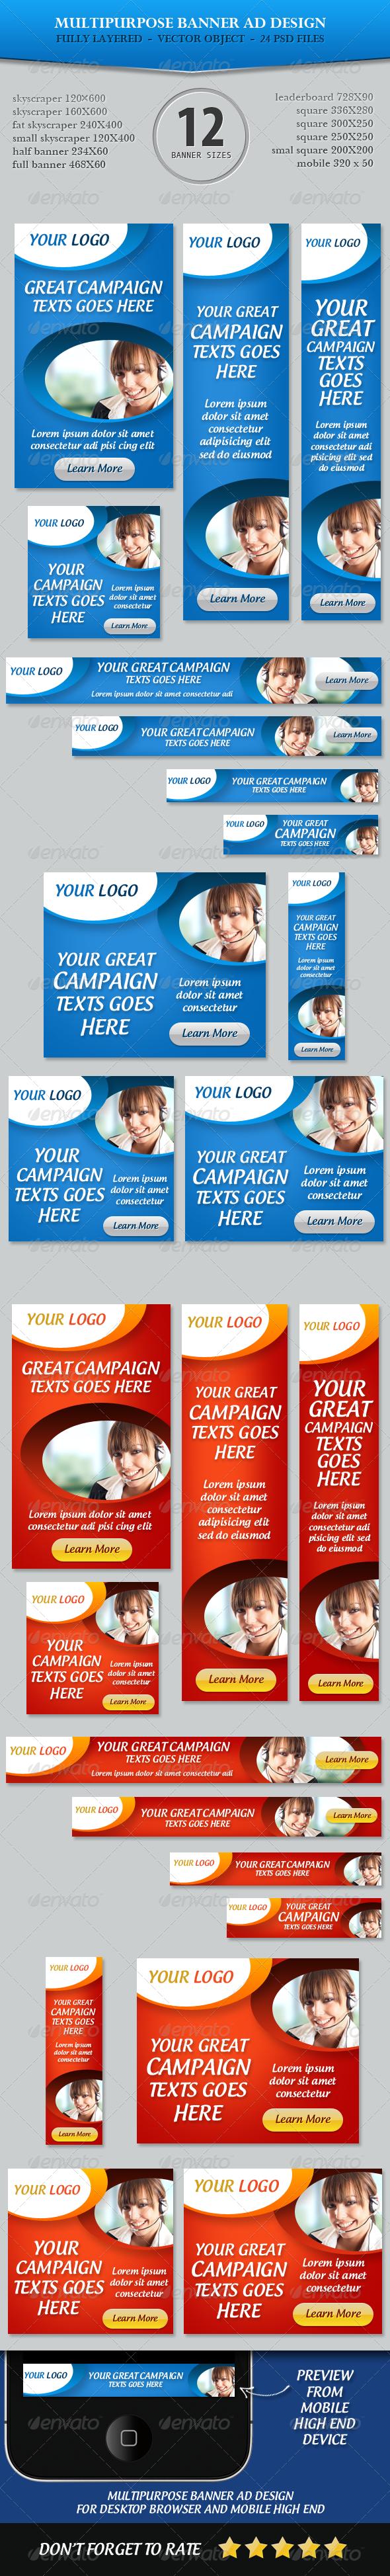 GraphicRiver Multipurpose Banner ad Design 5232862